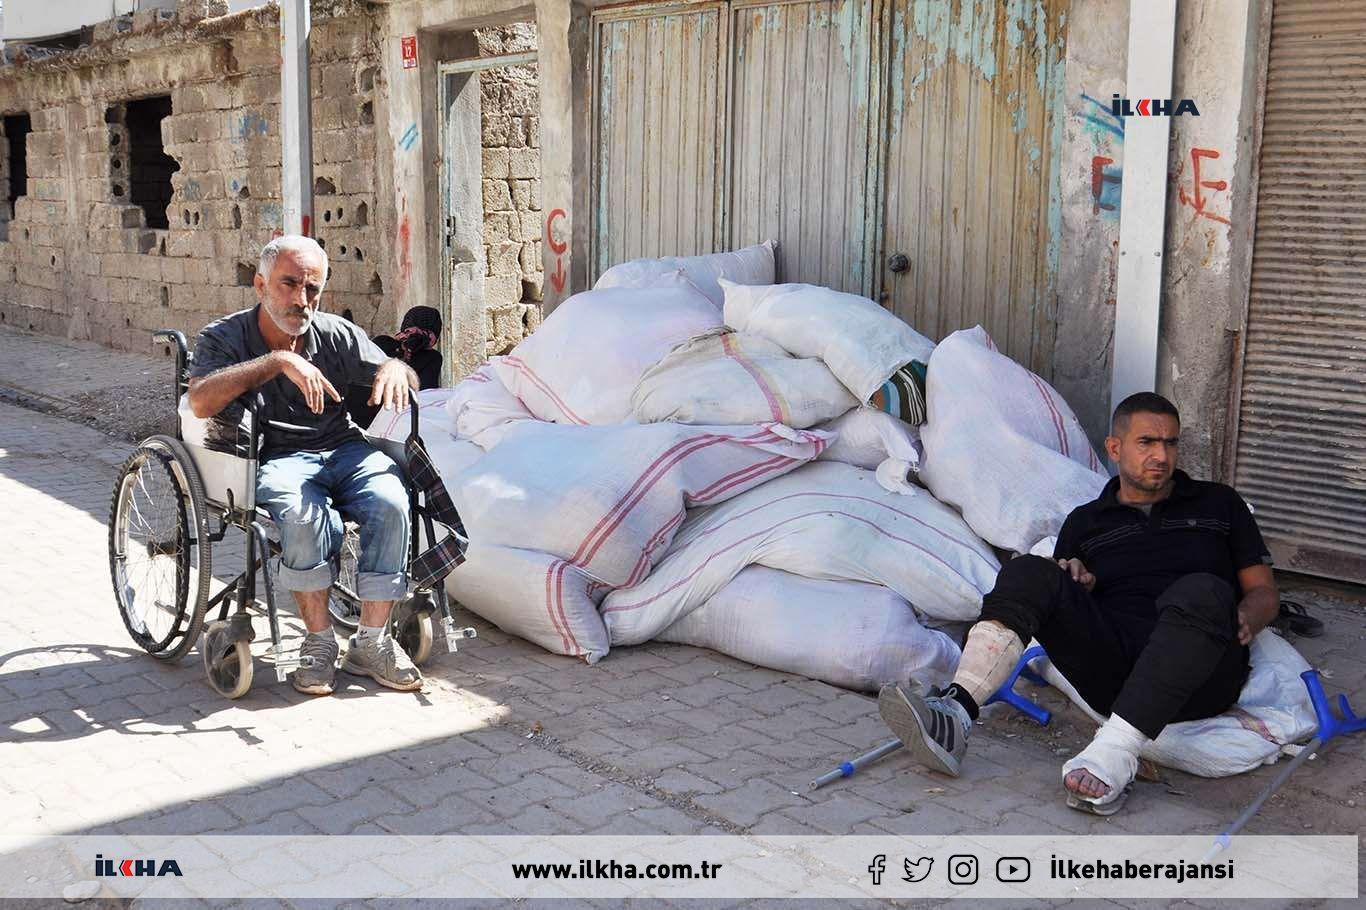 Batman'da 5 engelli çocuğu ile evsiz kalan aile yardım bekliyor